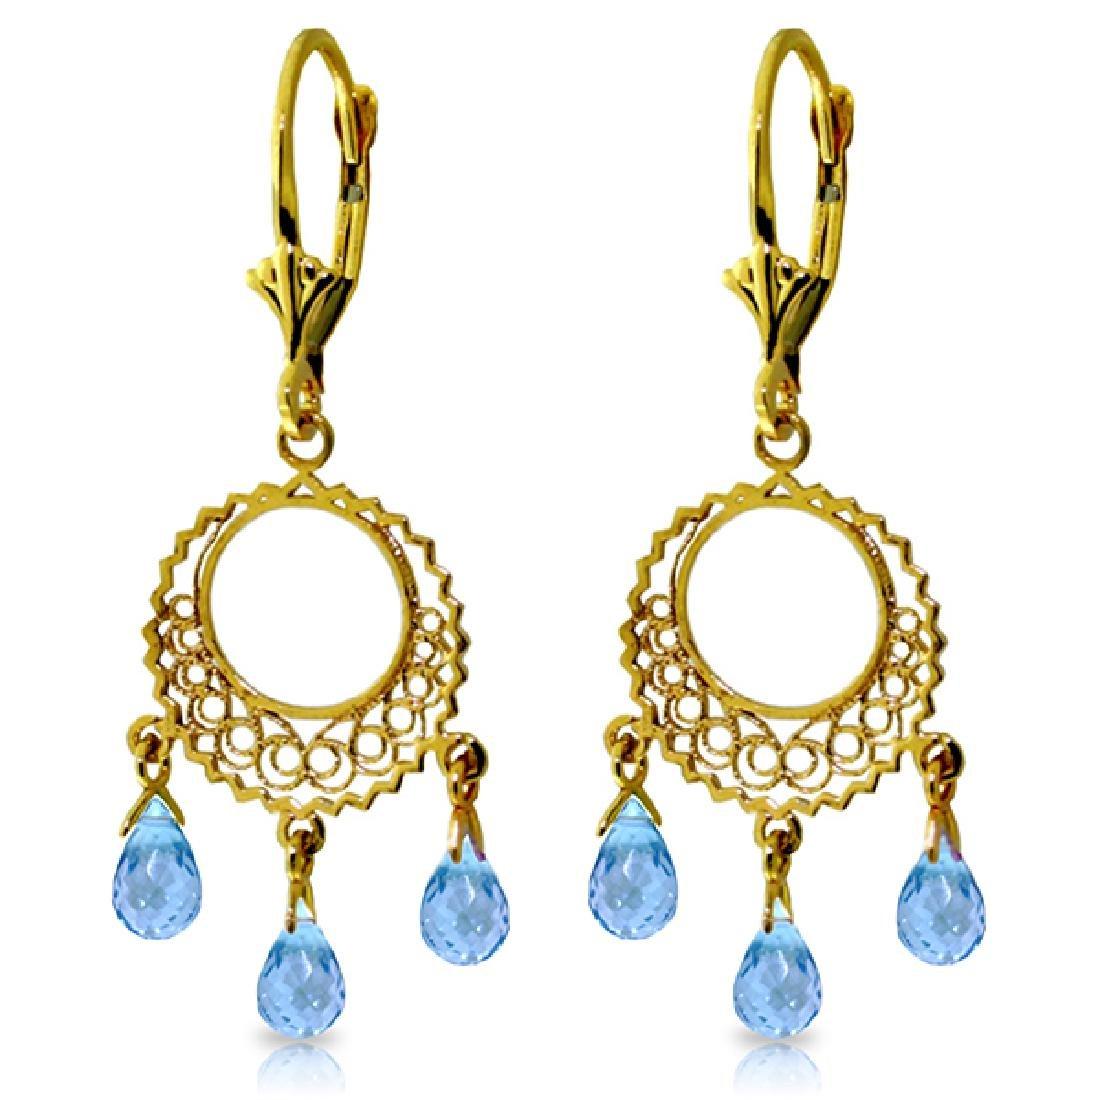 Genuine 3.75 ctw Blue Topaz Earrings Jewelry 14KT